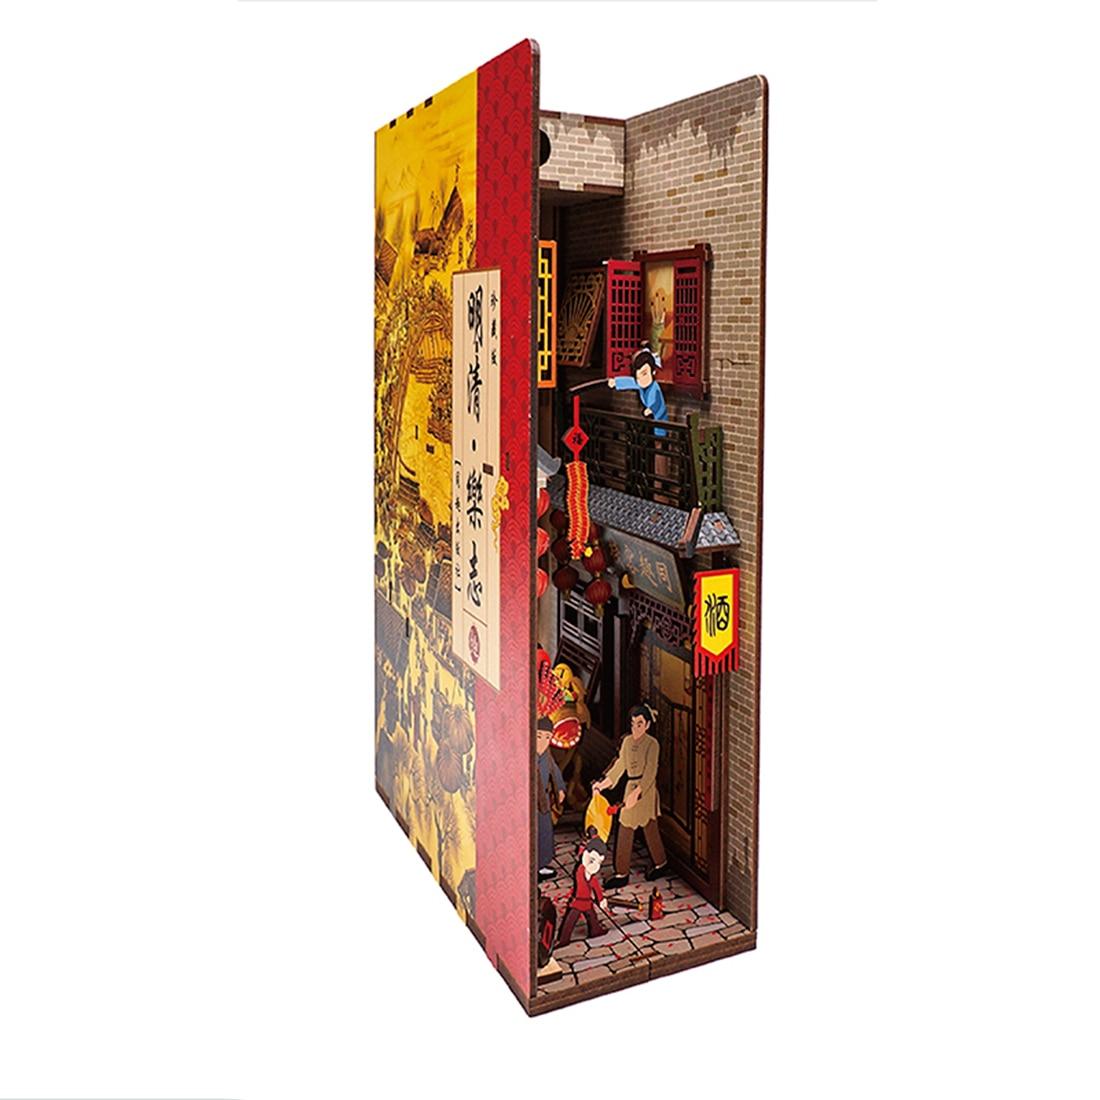 Hc6e9ff7ee525405eb93c94396e7a870ap - Robotime - DIY Models, DIY Miniature Houses, 3d Wooden Puzzle